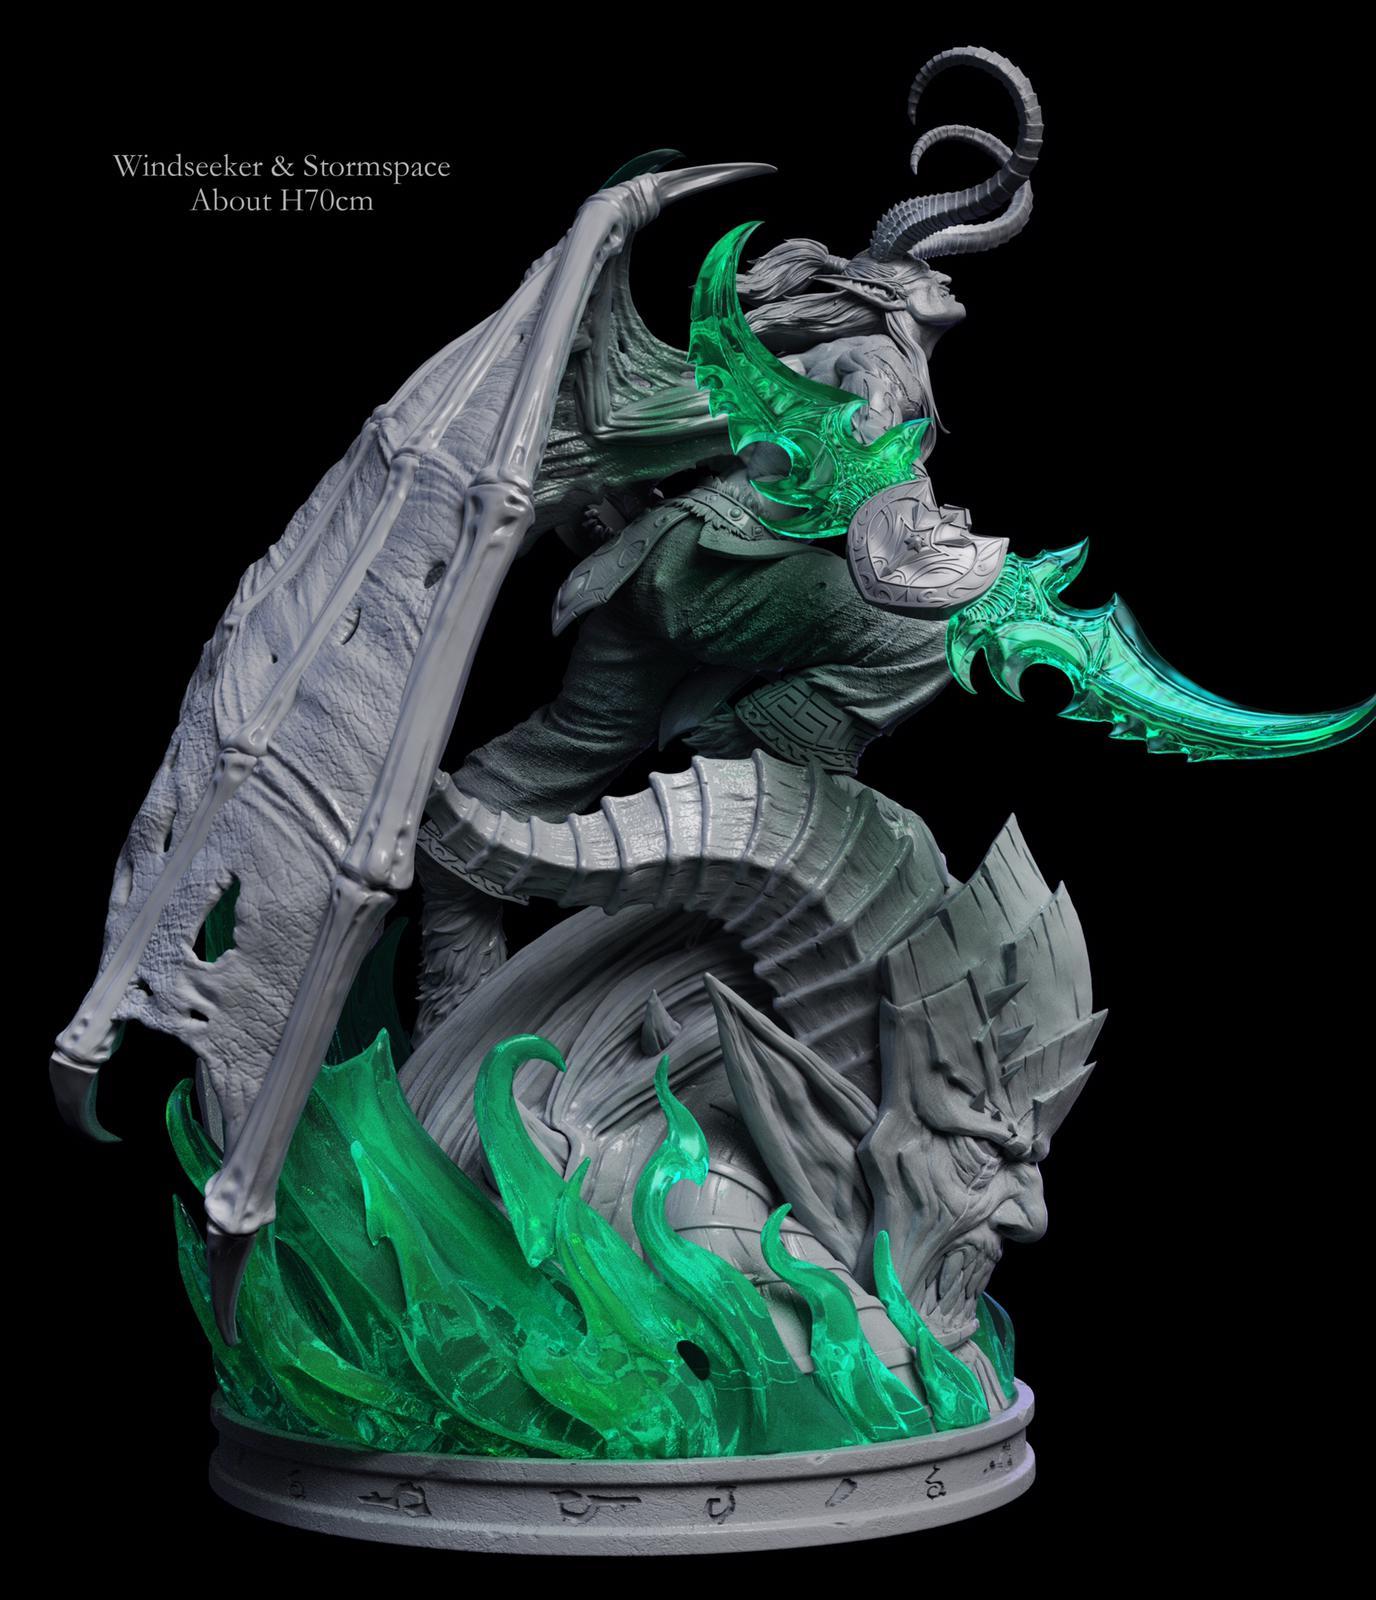 Estatuas de Arthas Menethil e Illidan Tempestira por Windseeker Studios de 70 cm en polystone y resina